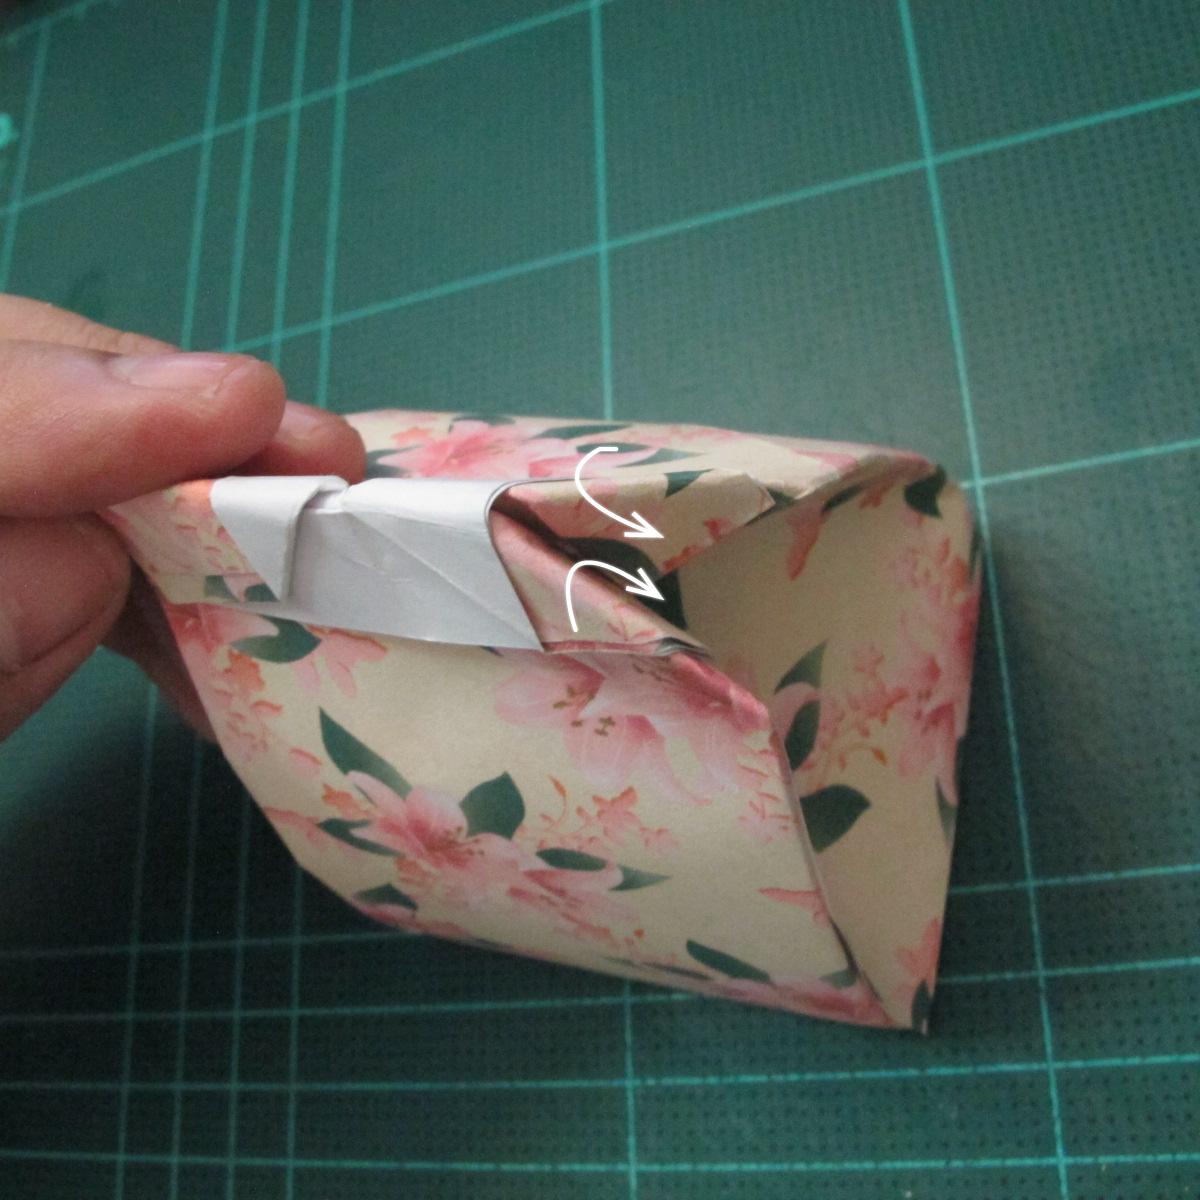 การพับกระดาษเป้นถุงของขวัญแบบไม่ใช้กาว (Origami Gift Bag) 016